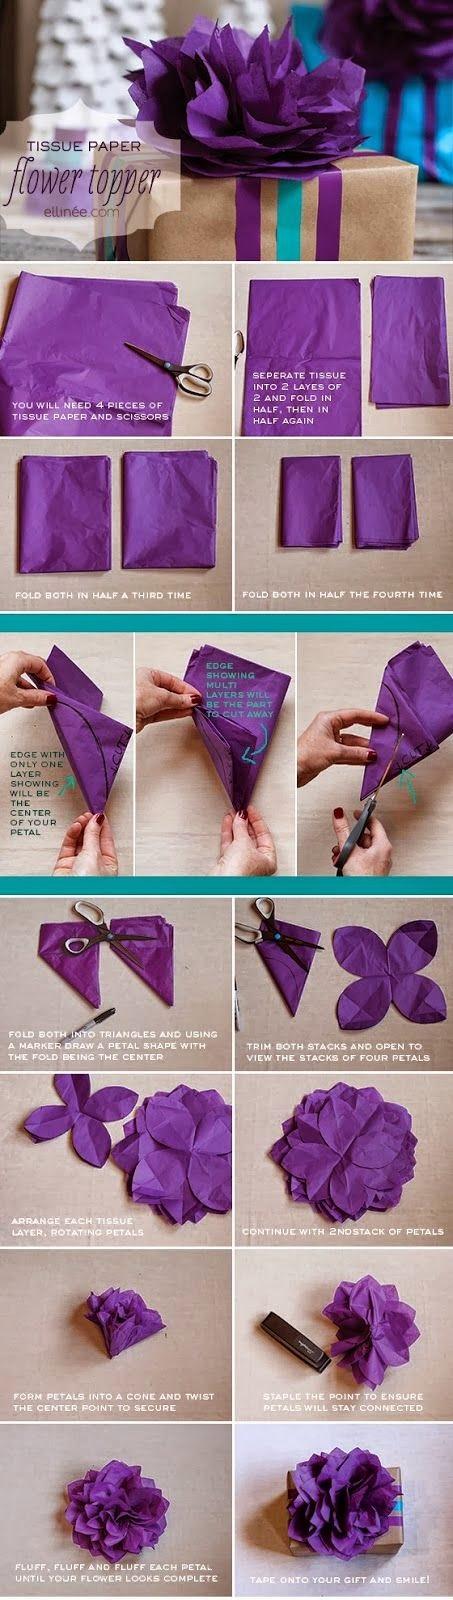 Blog O Wnetrzach Dla Dzieci Inspiracje 8 Pomyslow Jak Szybko I Nawet Ladnie Zapakowac Prezenty Flower Crafts Crafts Spring Crafts For Kids